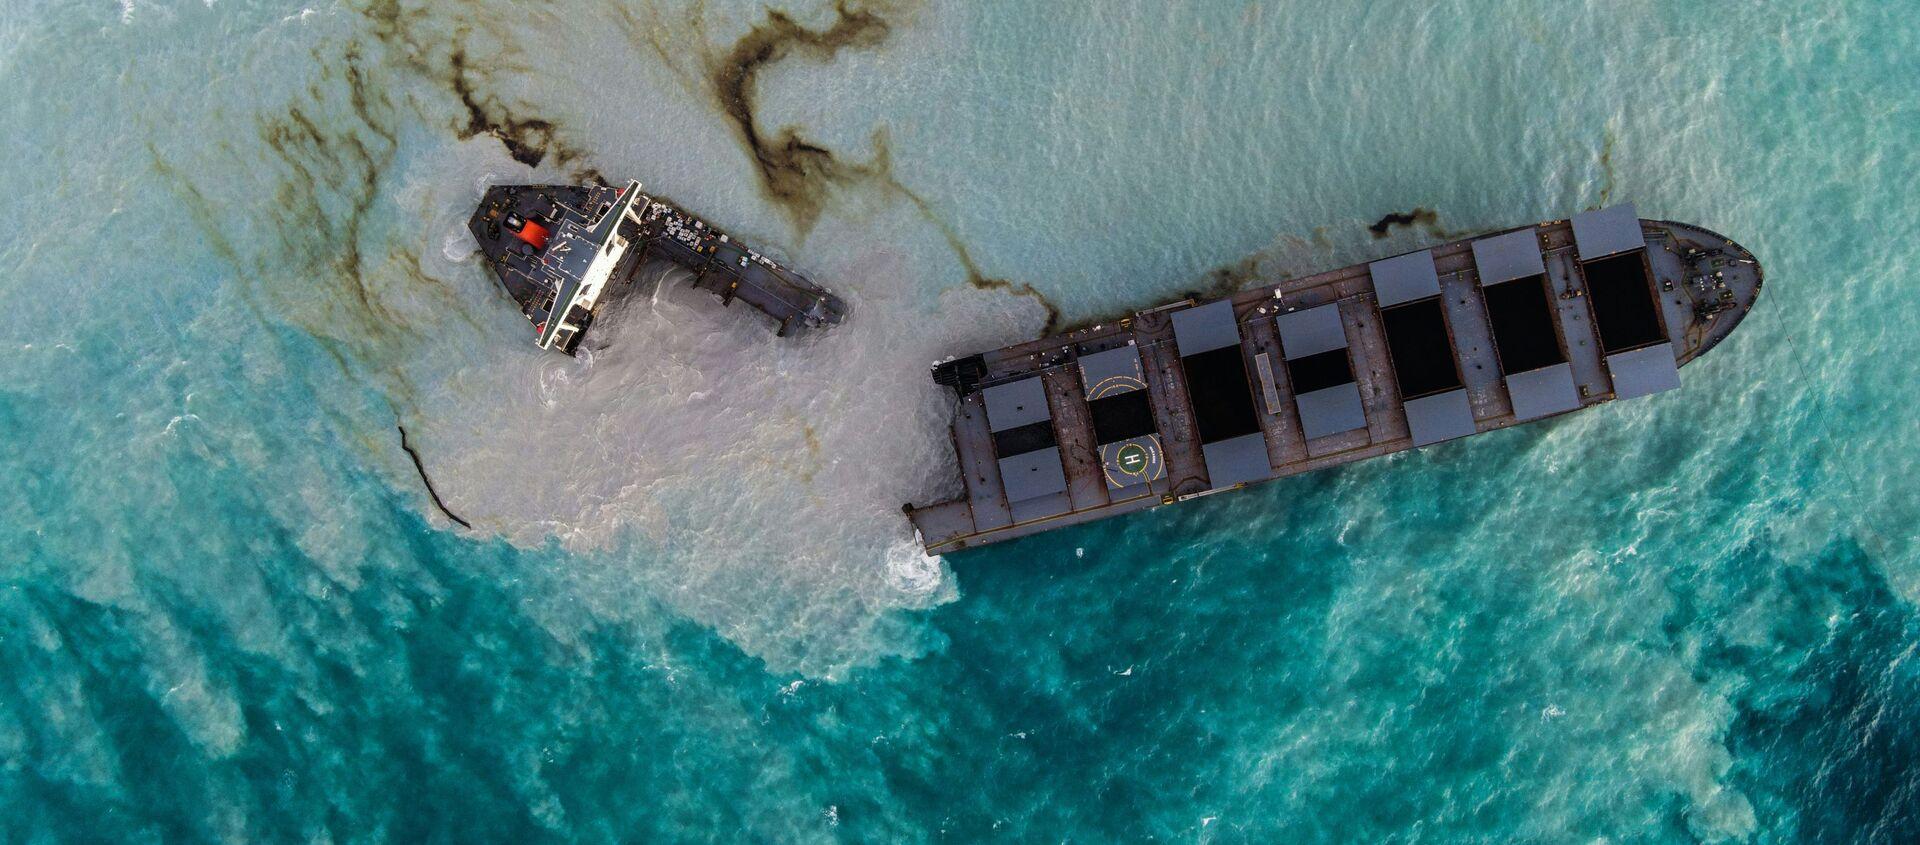 Cảnh từ trên xuống: tàu chở hàng MV Wakashio bị hỏng ngoài khơi bờ biển Mauritius - Sputnik Việt Nam, 1920, 17.08.2020